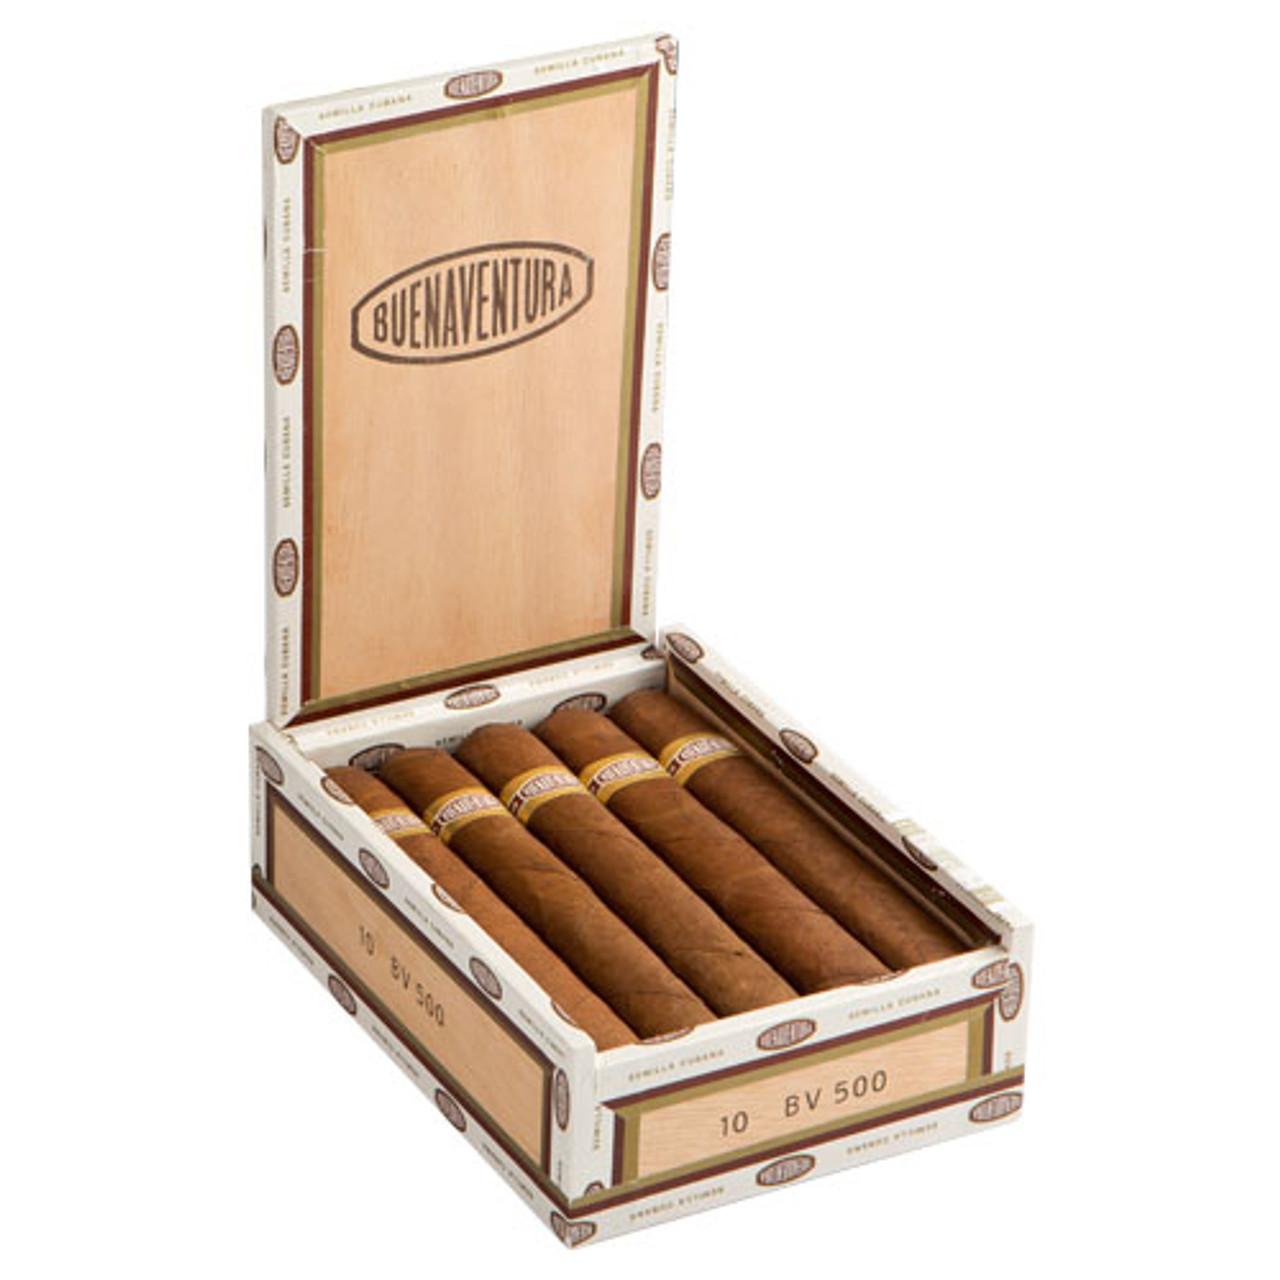 Curivari Buenaventura D7 Cigars - 5.5 x 52 (Box of 10)